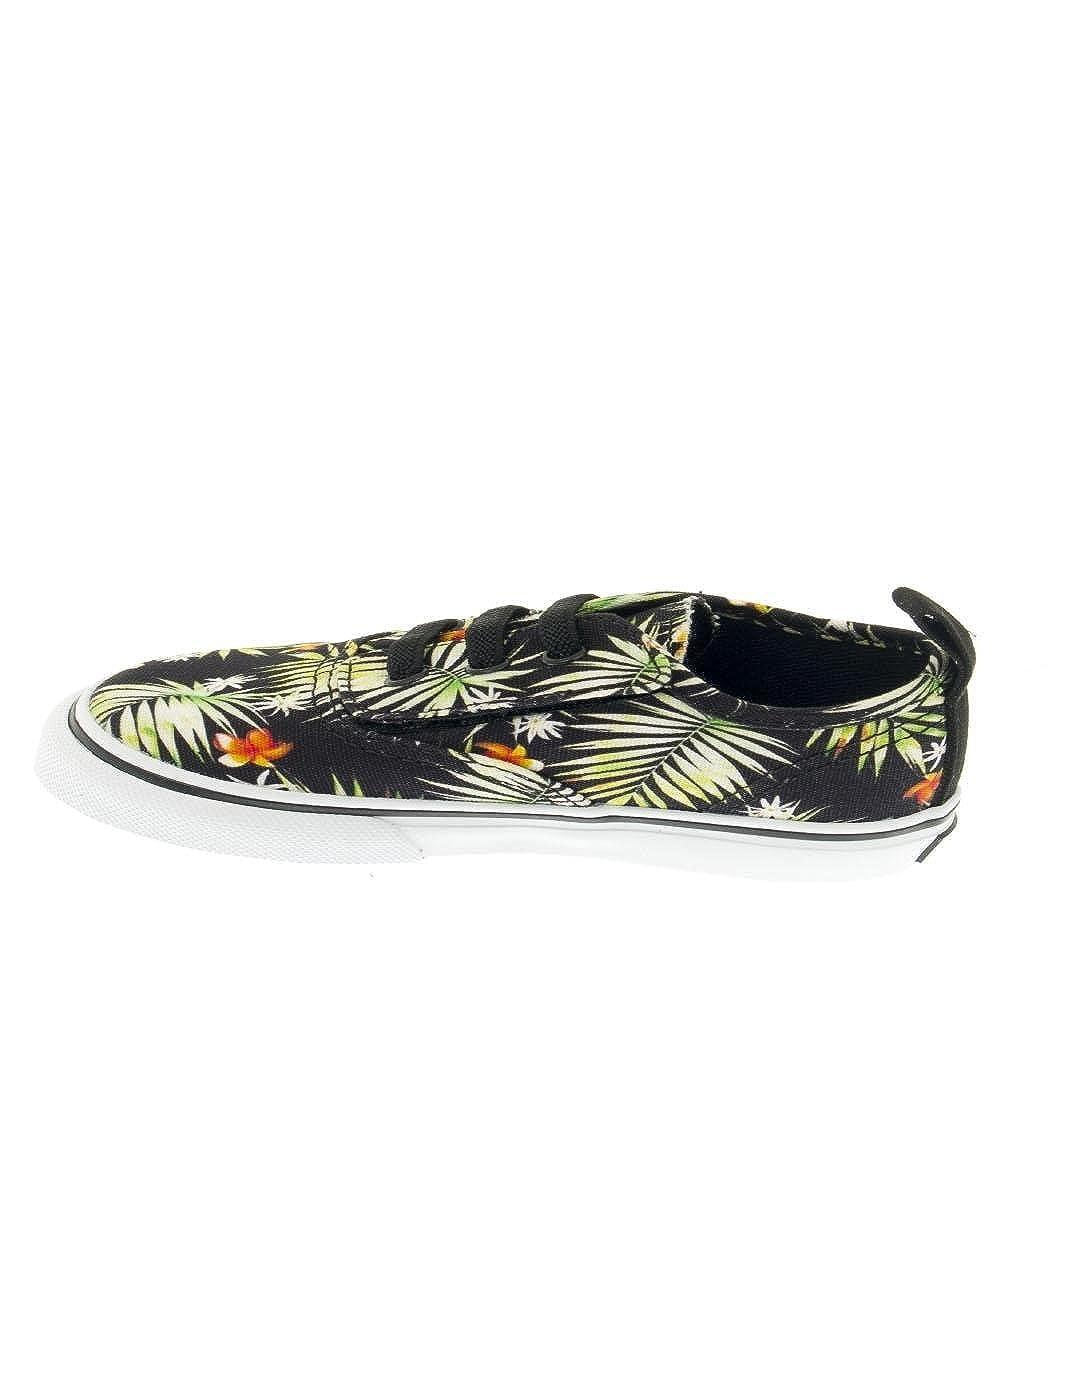 d6c0f84c6 Zapatilla Vans Authentic V Lace Multicolor  Amazon.es  Deportes y aire libre